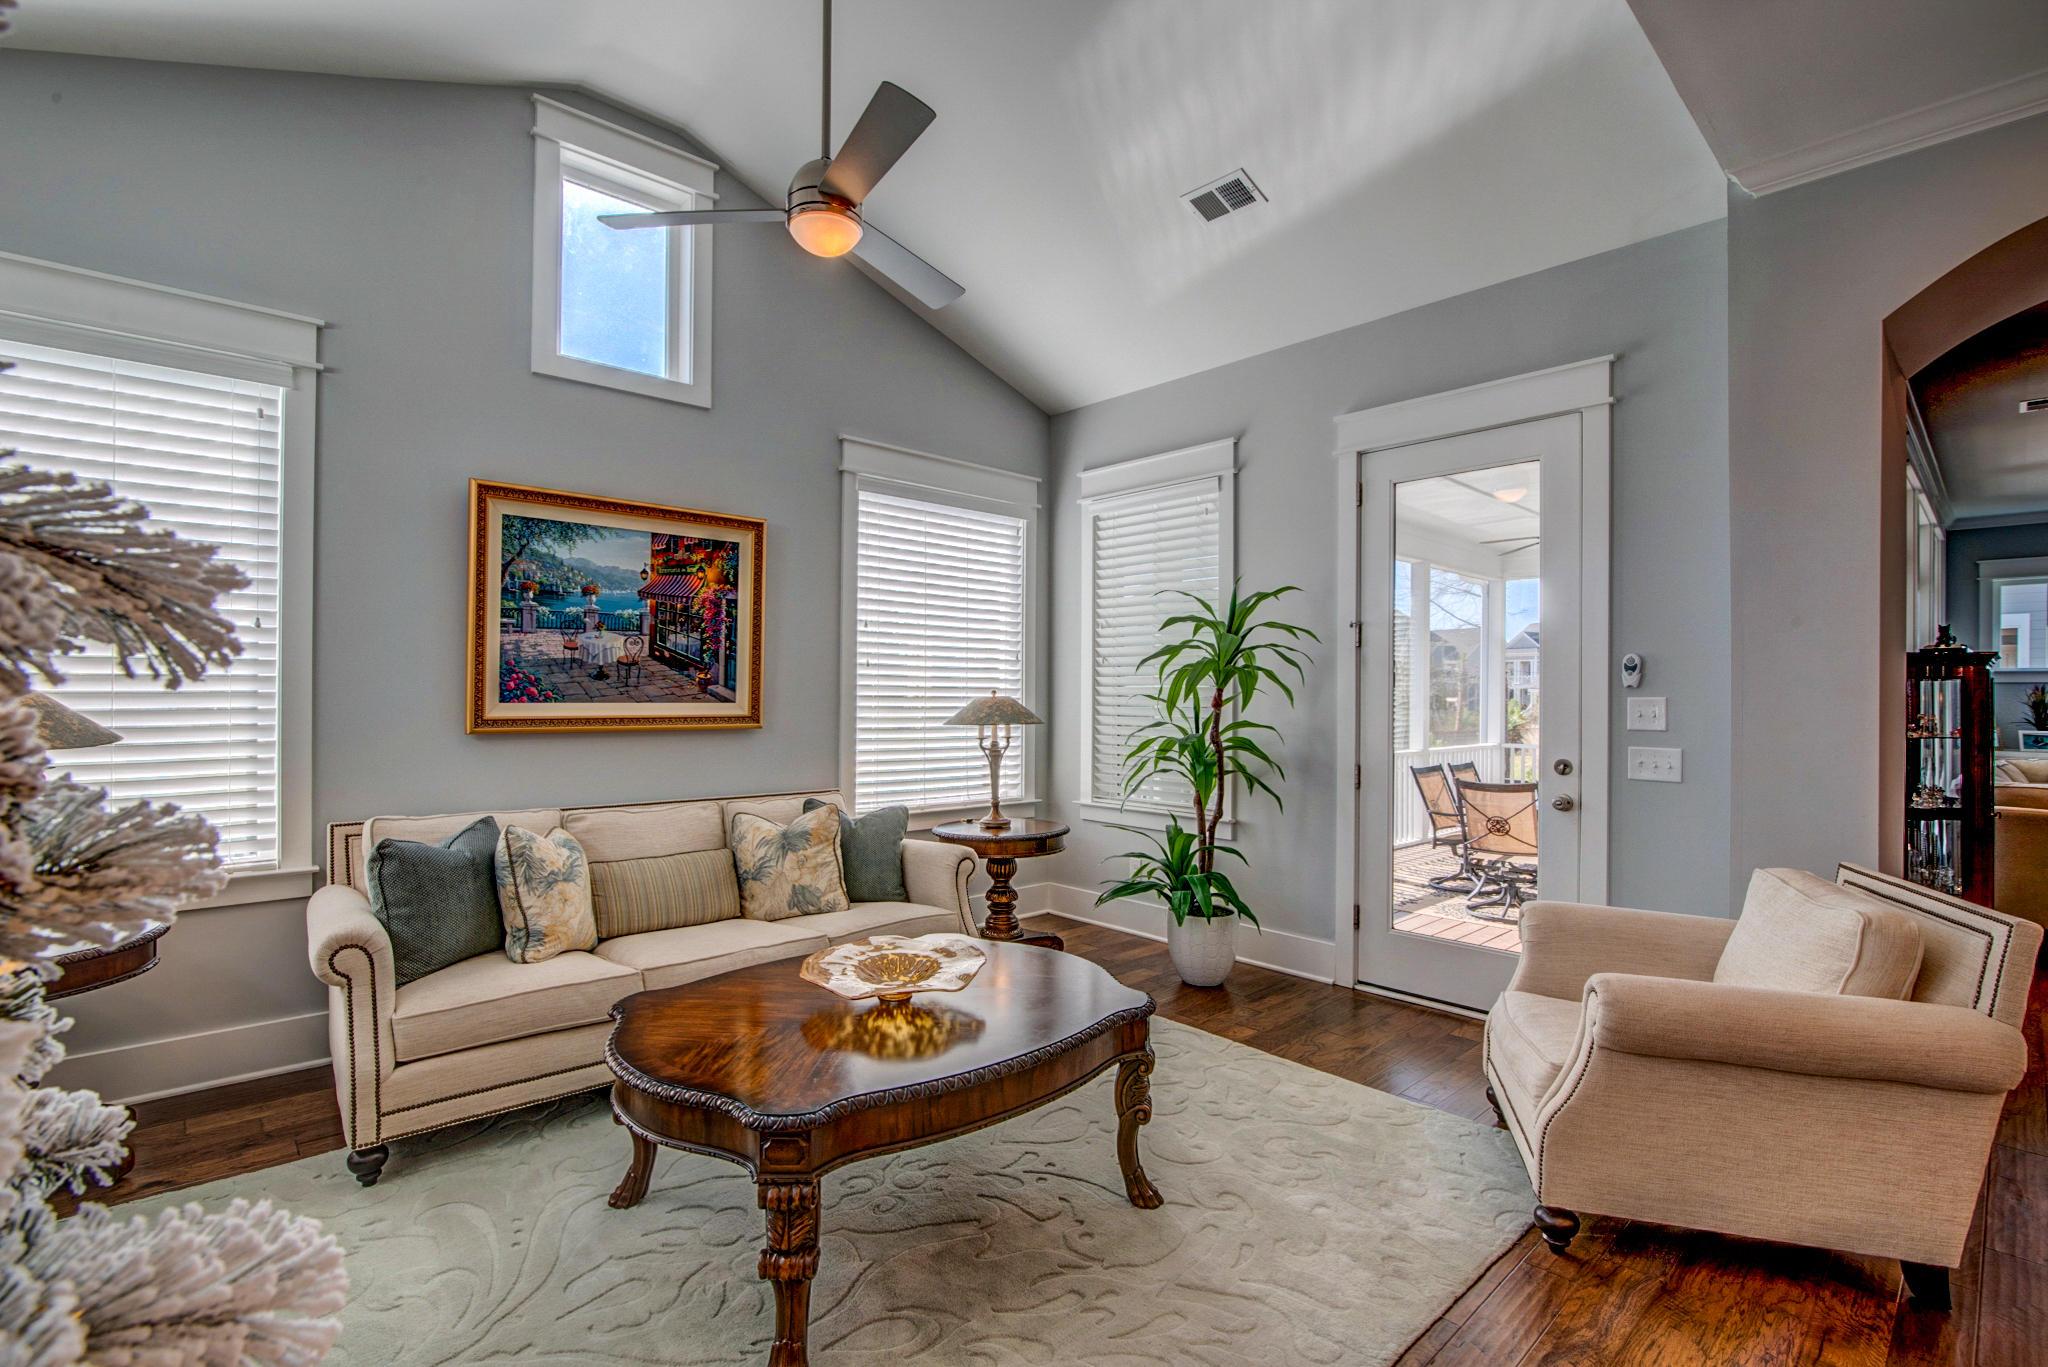 Dunes West Homes For Sale - 2883 River Vista, Mount Pleasant, SC - 49